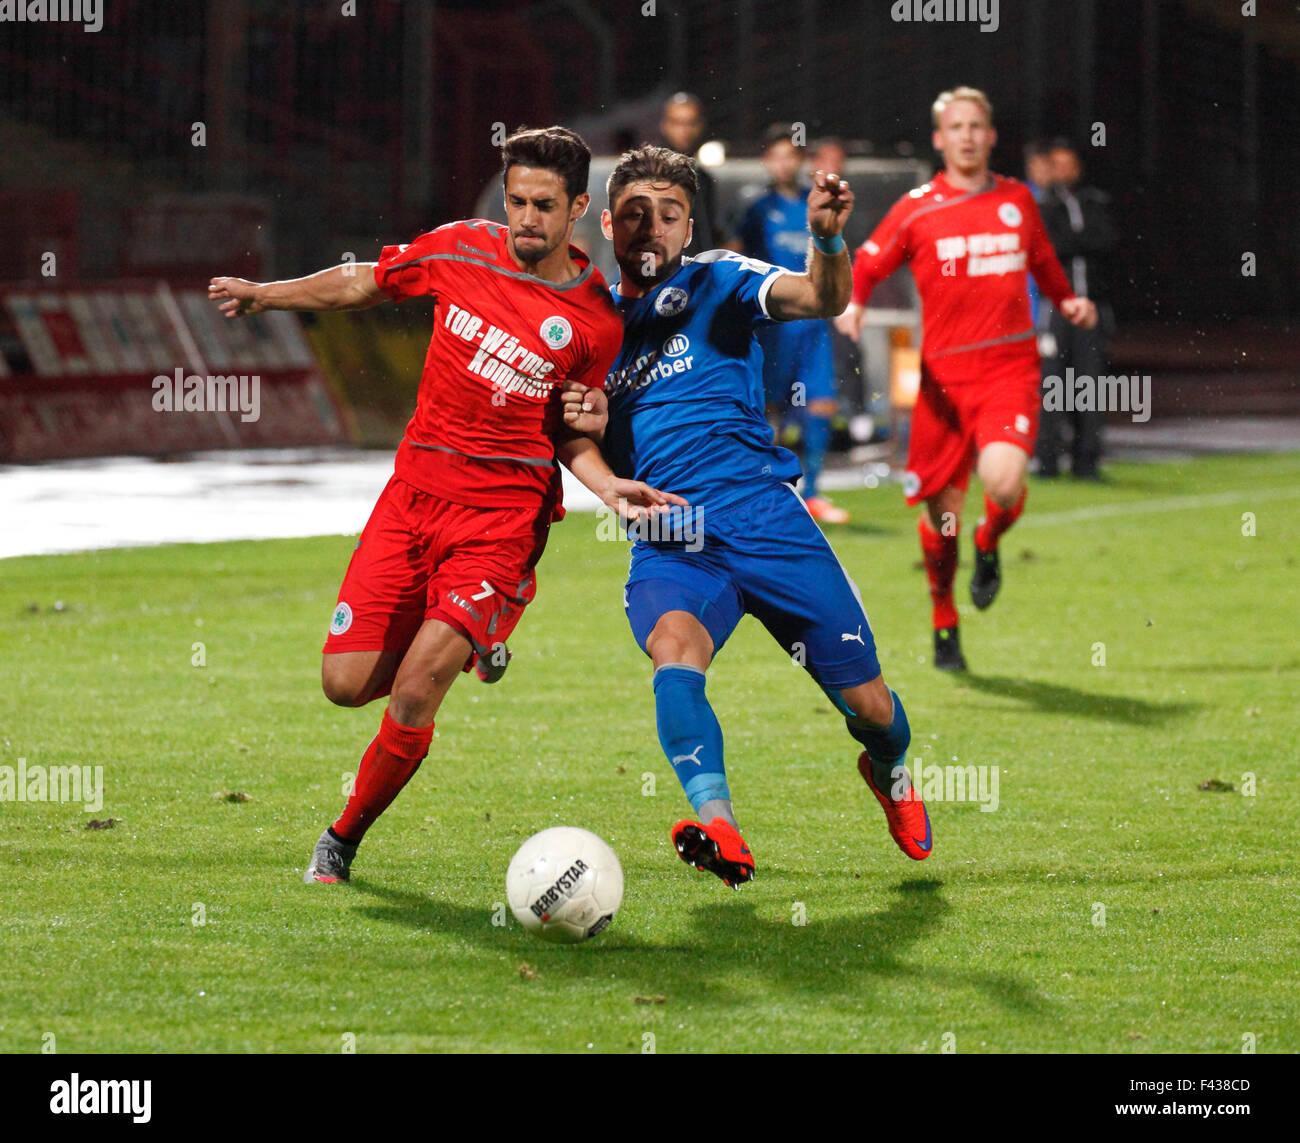 sports, football, Regional League West, 2015/2016, Rot Weiss Oberhausen versus VfL Sportfreunde Lotte 2:0, Stadium - Stock Image